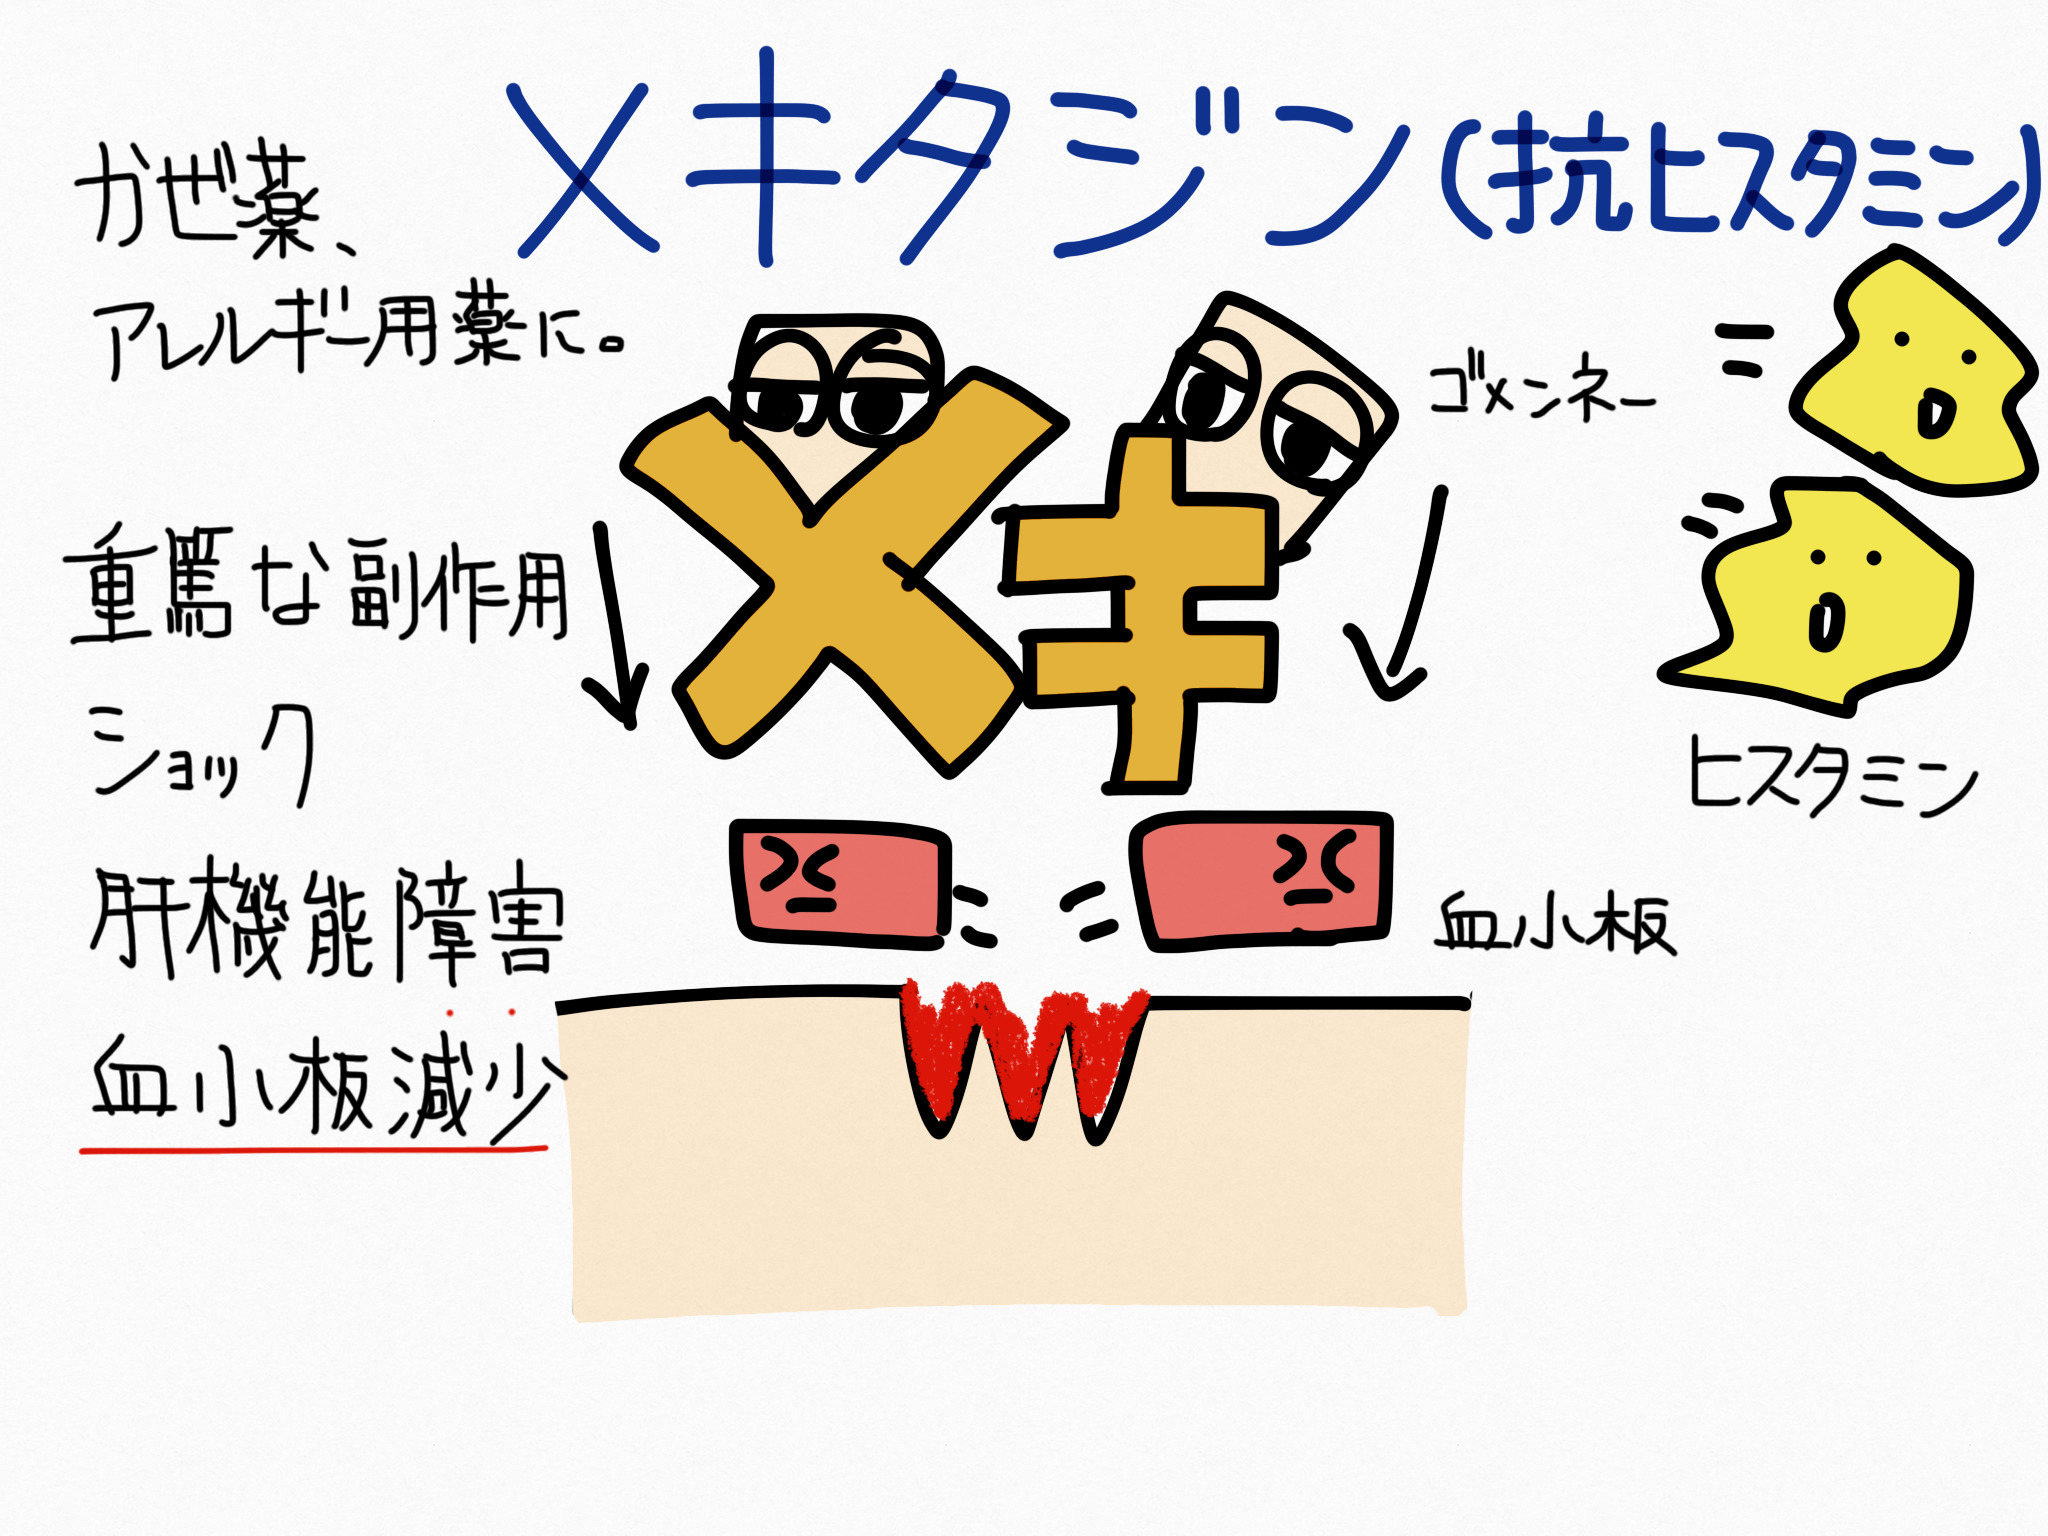 メキタジン・抗ヒスタミン成分の覚え方